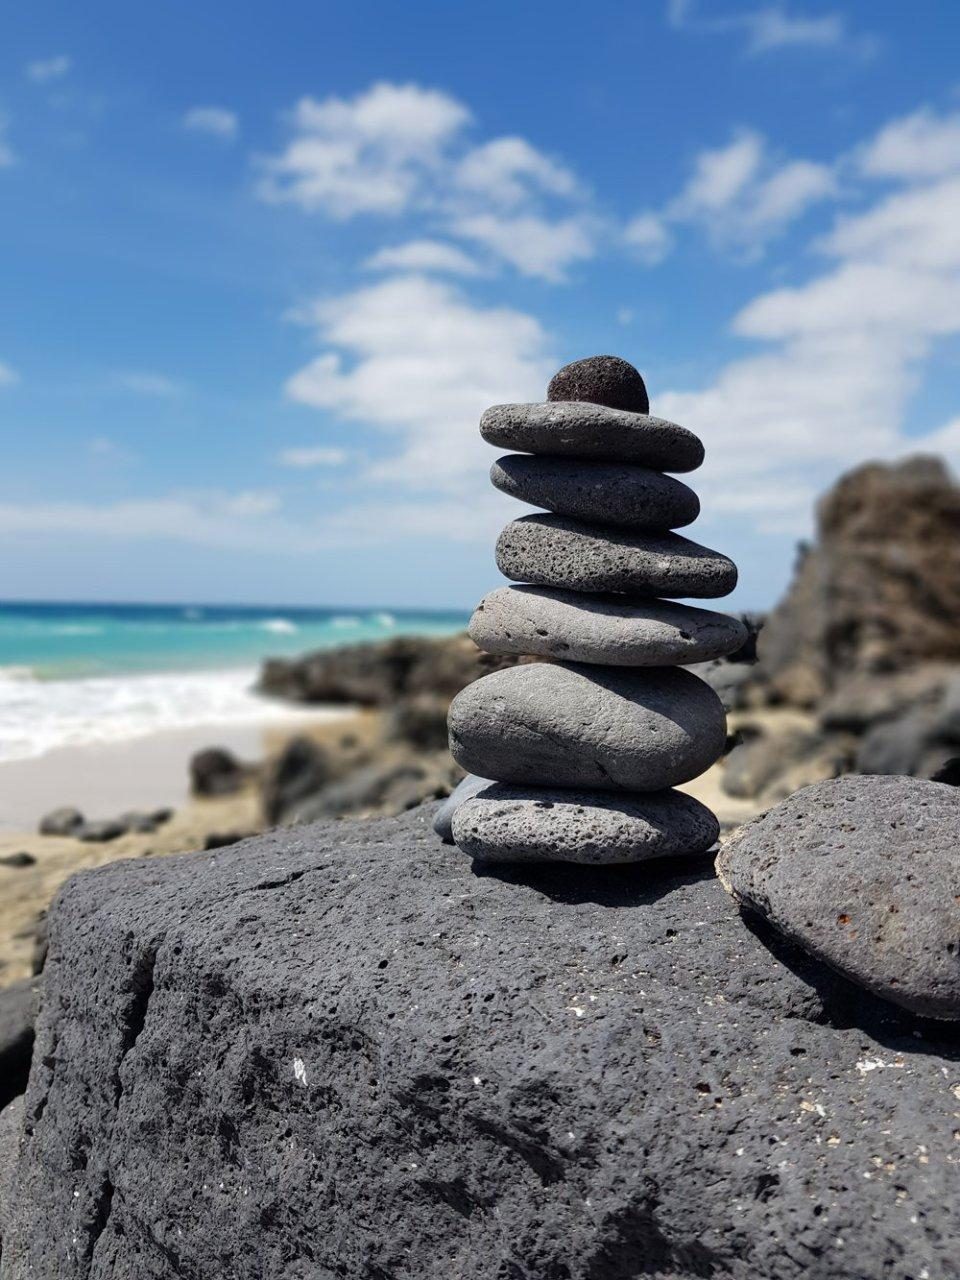 conny doll lifestyle: Gruß aus Fuerteventura - Habt Ihr vielleicht noch Tipps?, Steinhaufen, Strand